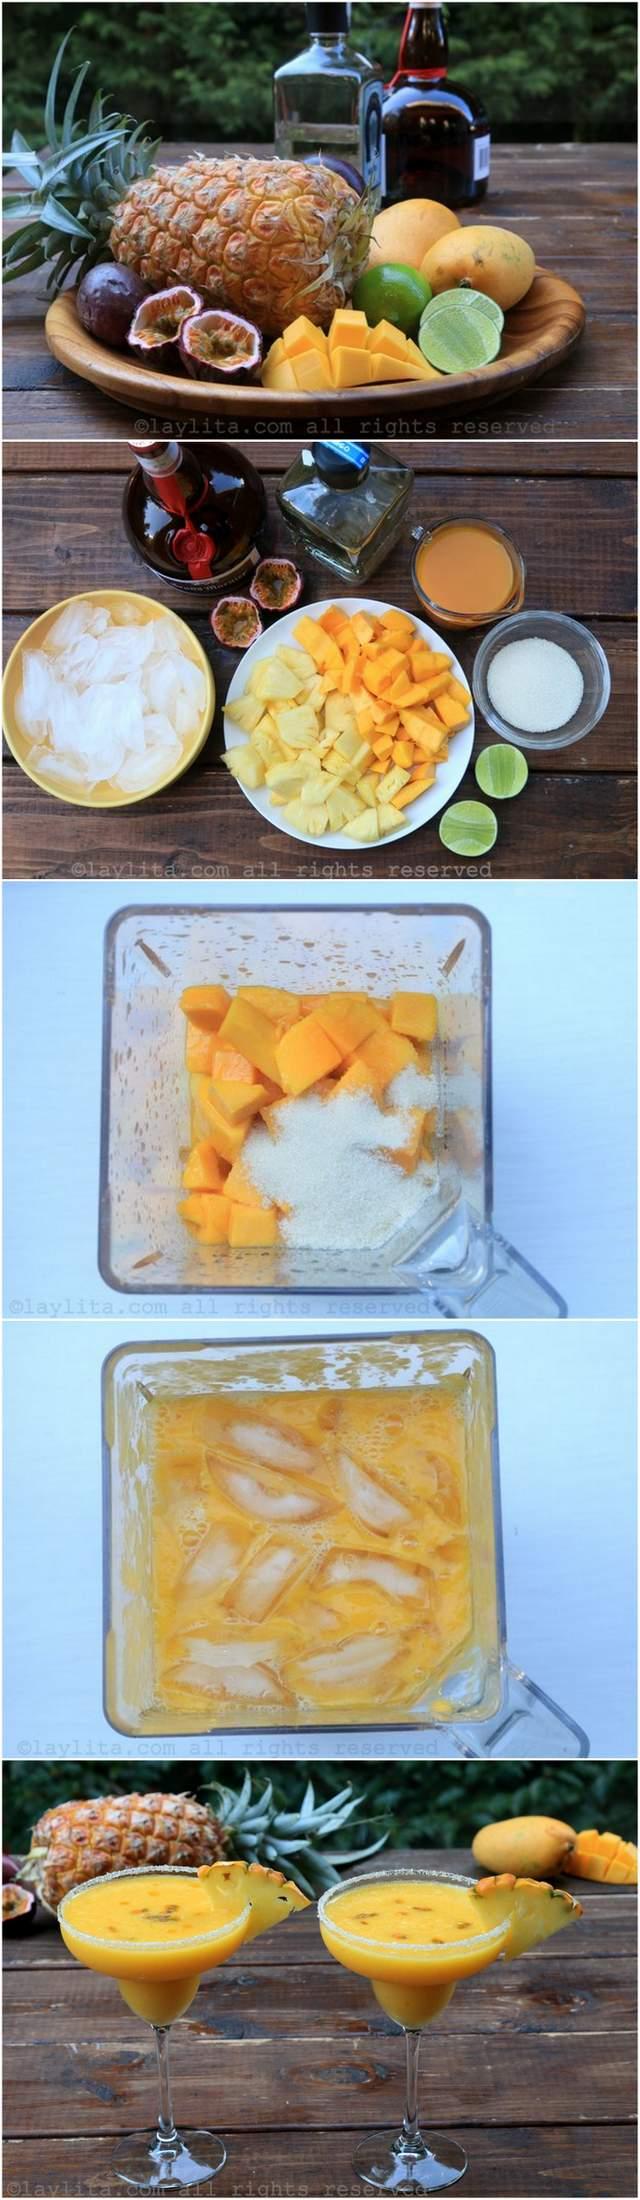 Como hacer margaritas frozen de frutas tropicales con piña y mango